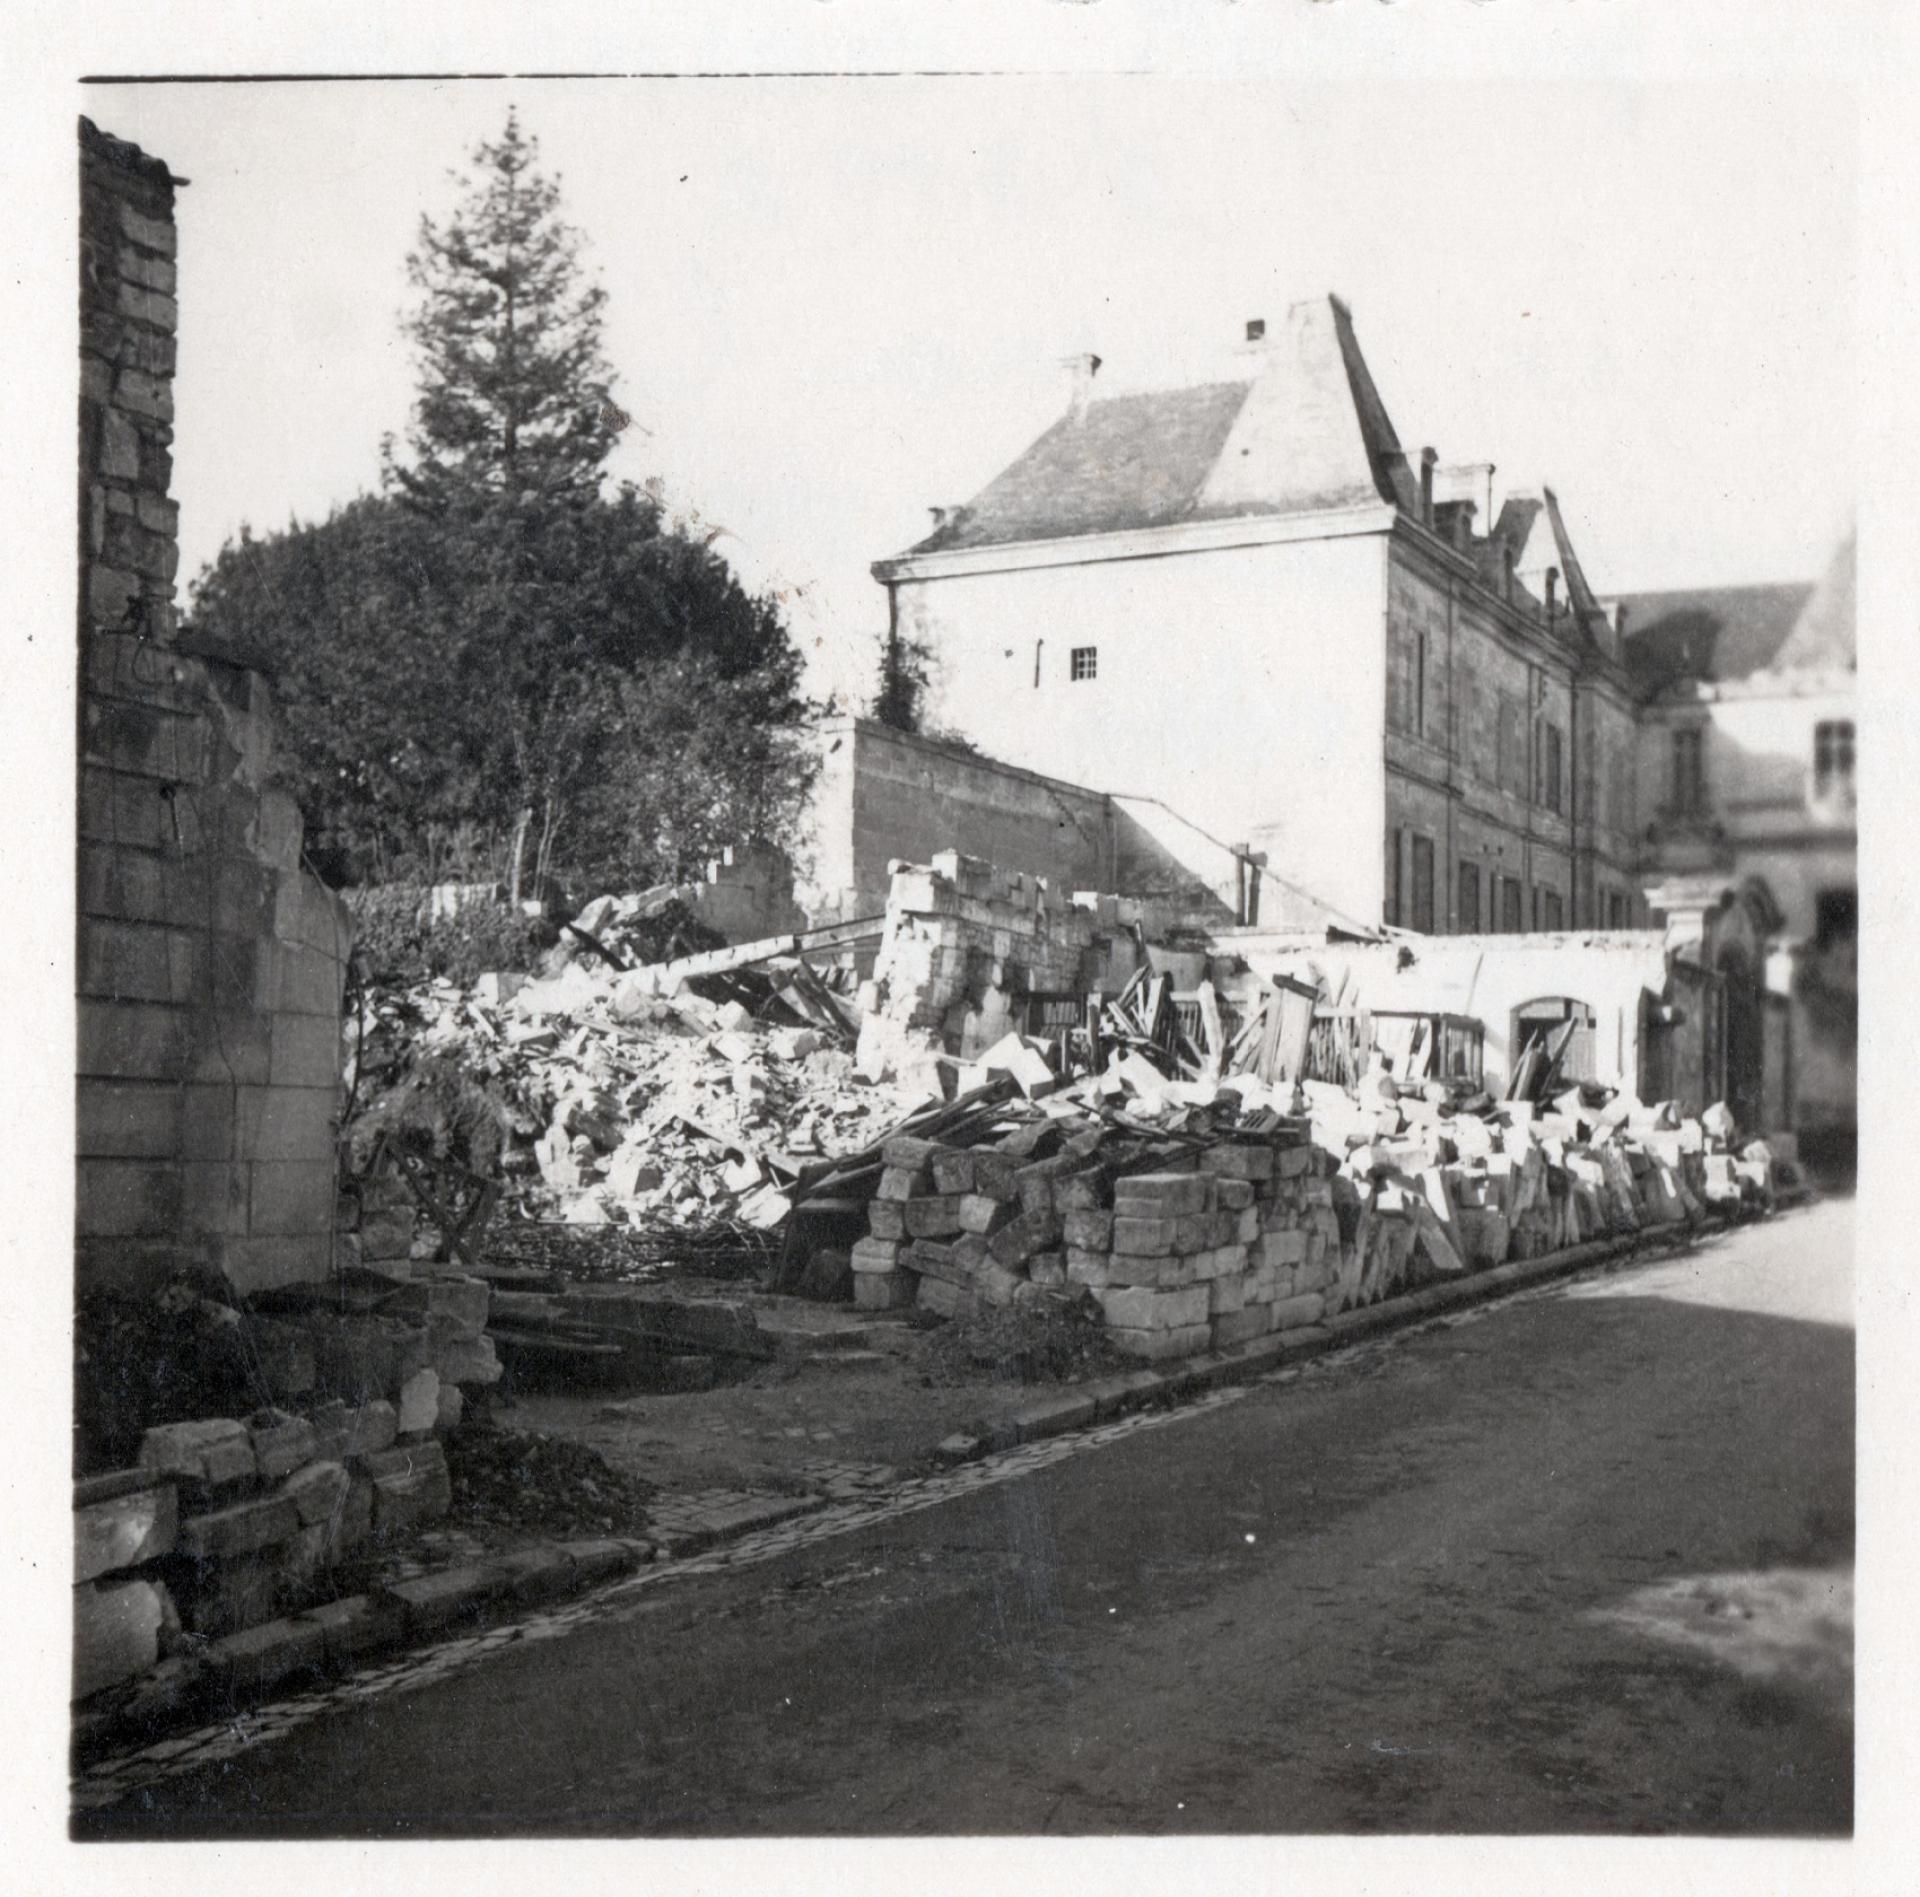 Arrierevillamusso Bombardement1944(coll Médiathèque Saintes)